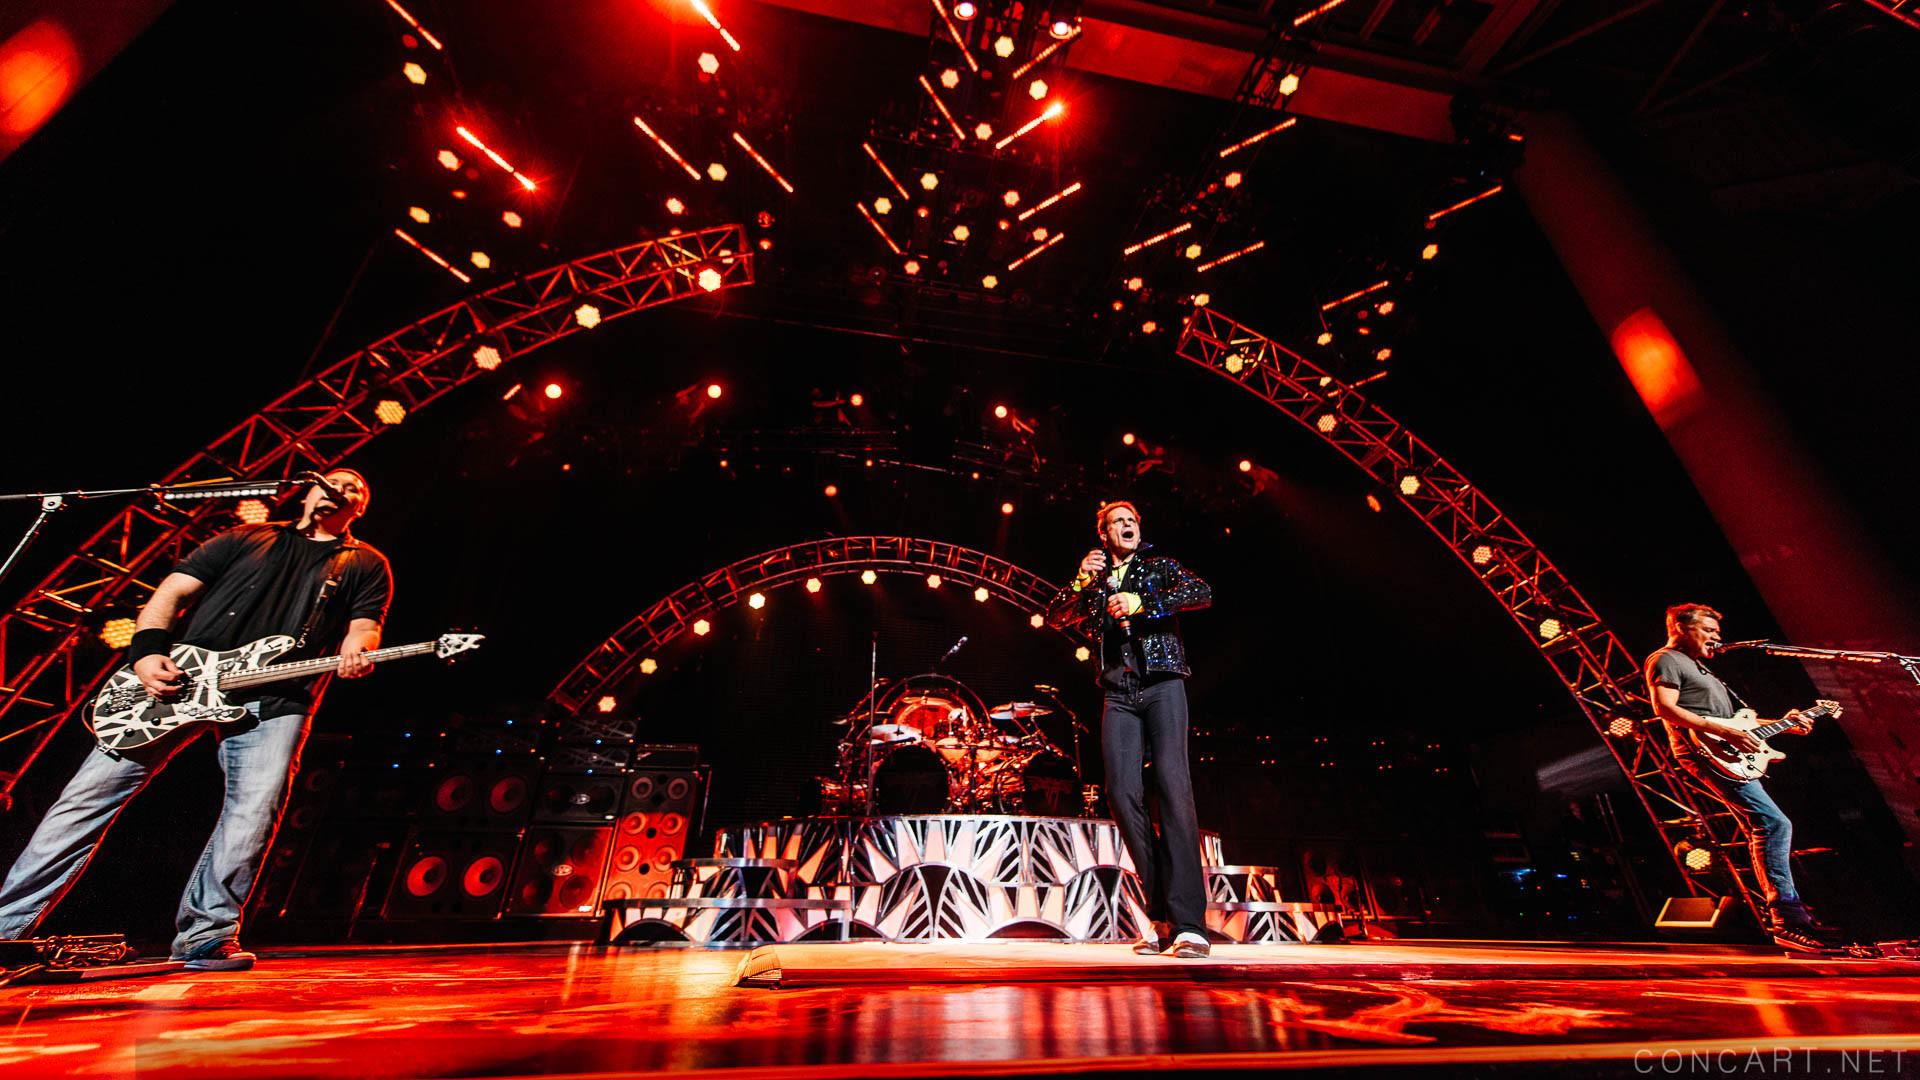 Van Halen Wallpaper HD (59+ Images